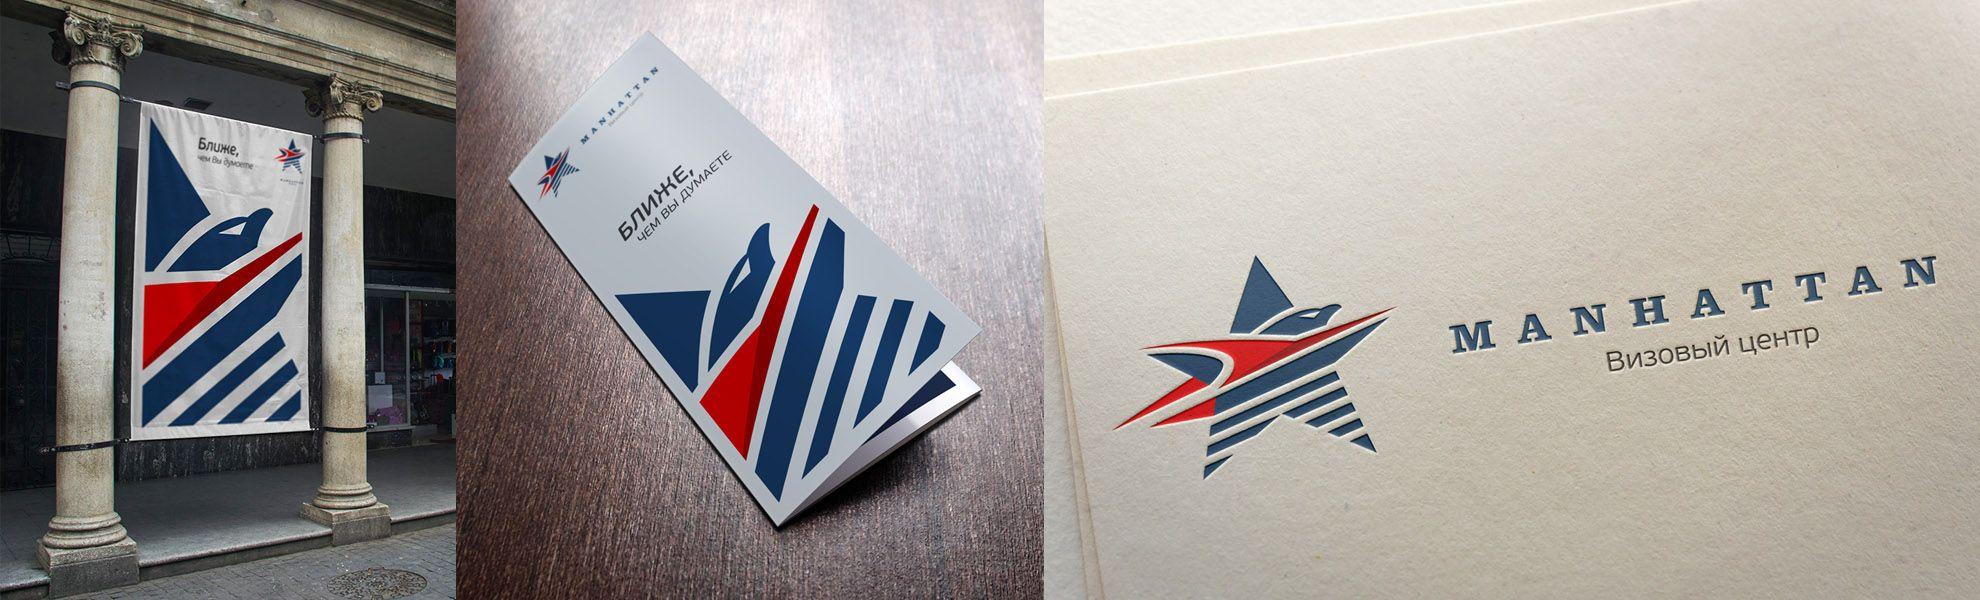 Лого и Фир.стиль для визового центра - дизайнер mrtenzor